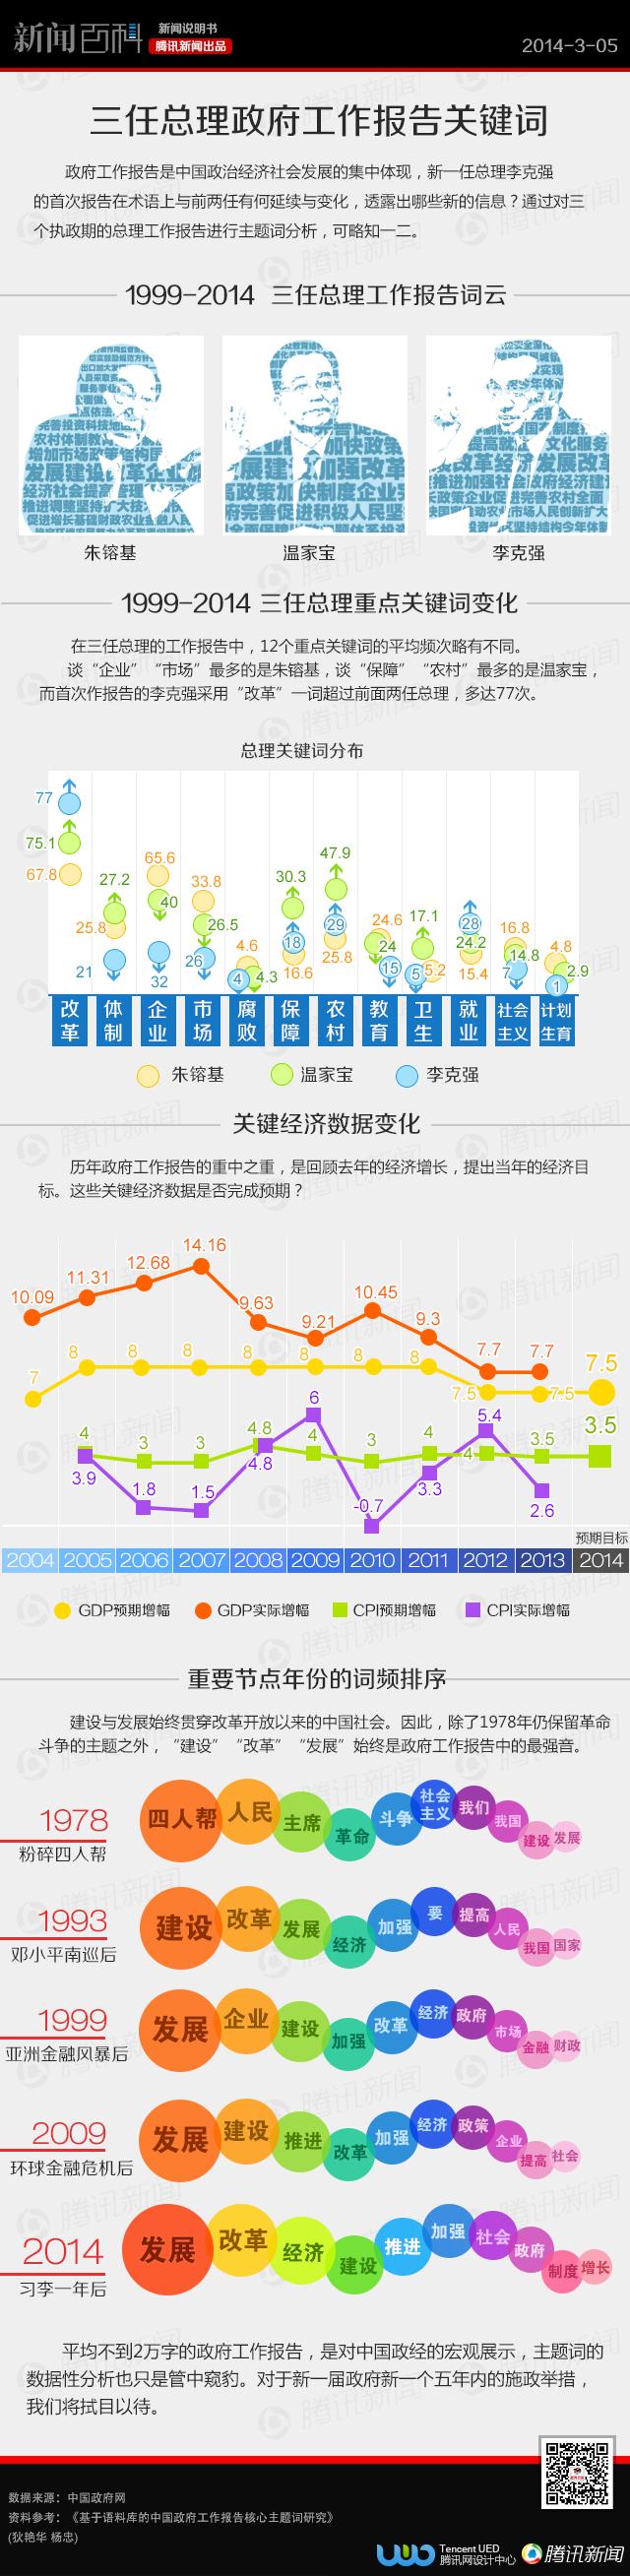 1999-2014三任总理政府工作报告关键词 - 林老师 - 林老师高中政治教学博客